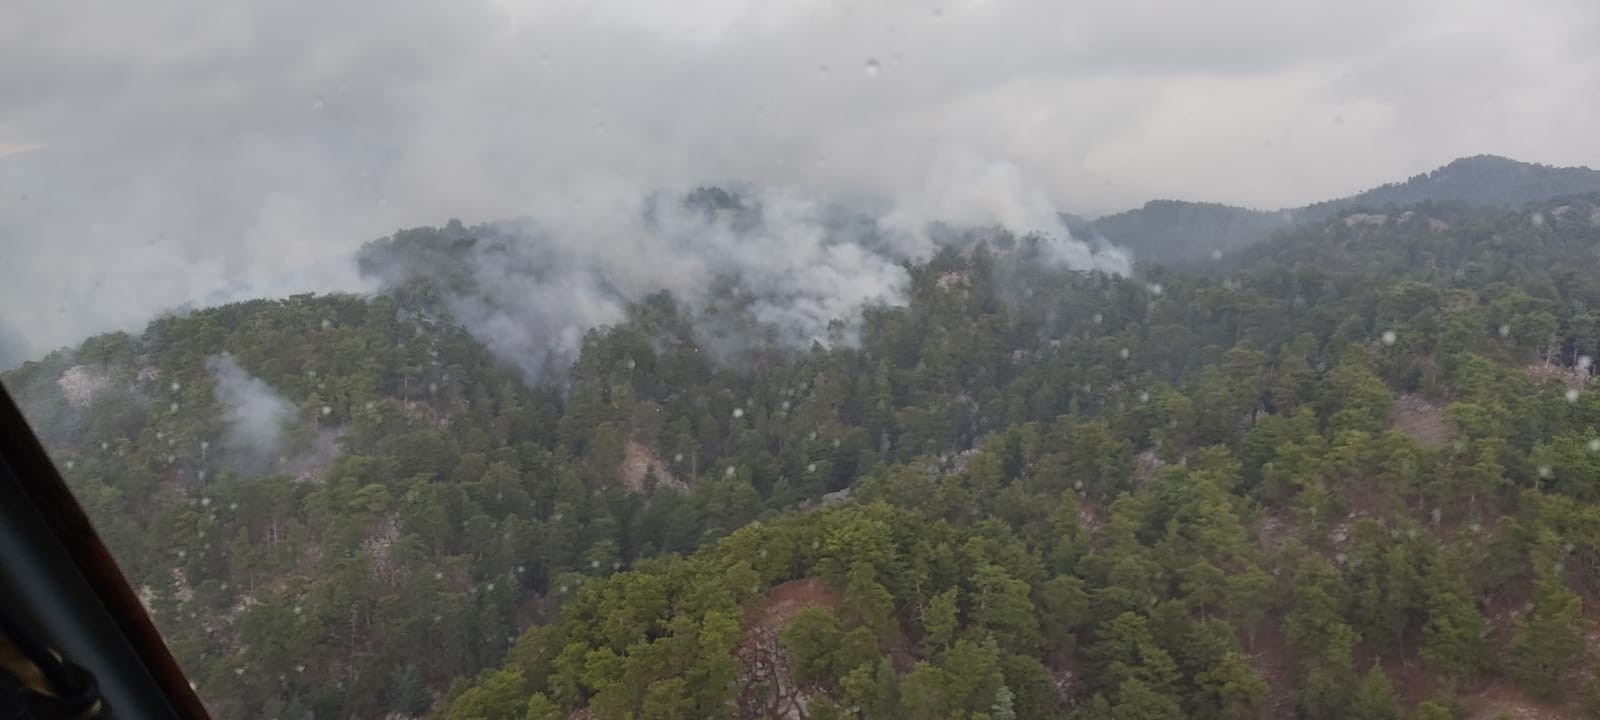 Manavgat ilçesinde yıldırım düşmesi sonucu çıkan orman yangını kontrol altına alındı